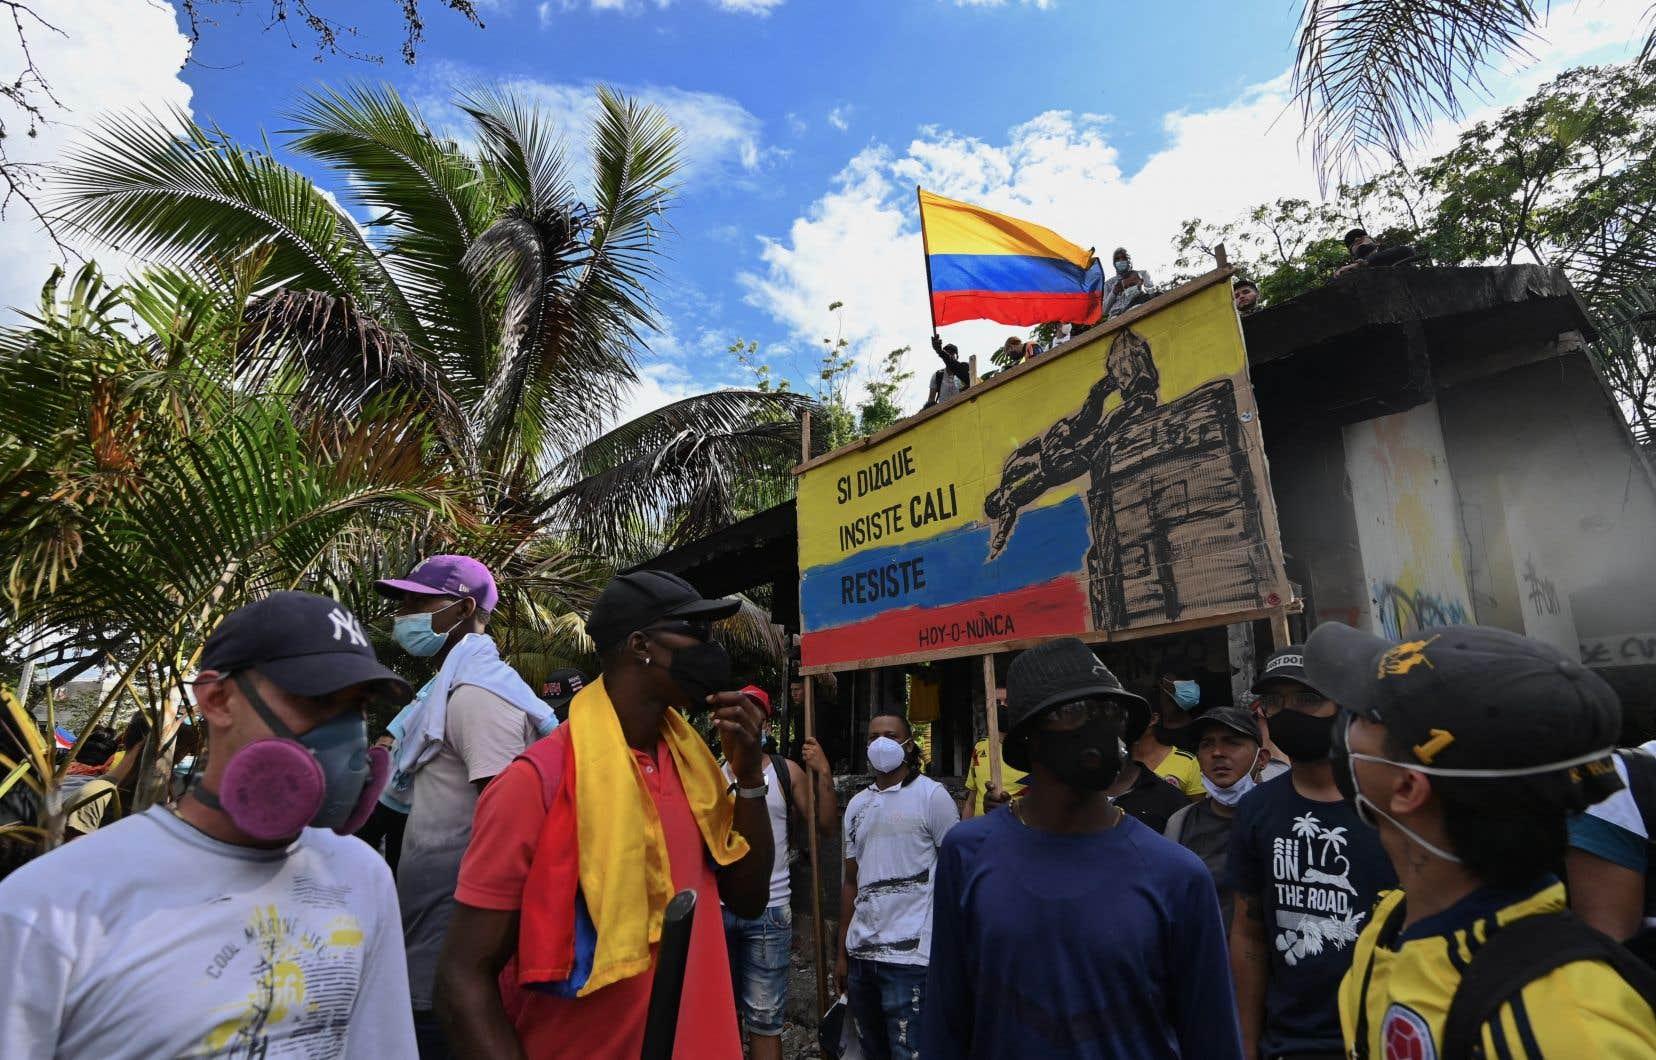 L'annonce vendredi soir du président de droite Ivan Duque, qui s'est dit prêt à réviser le projet de réforme afin de trouver un «consensus», n'a pas affaibli la détermination des protestataires.